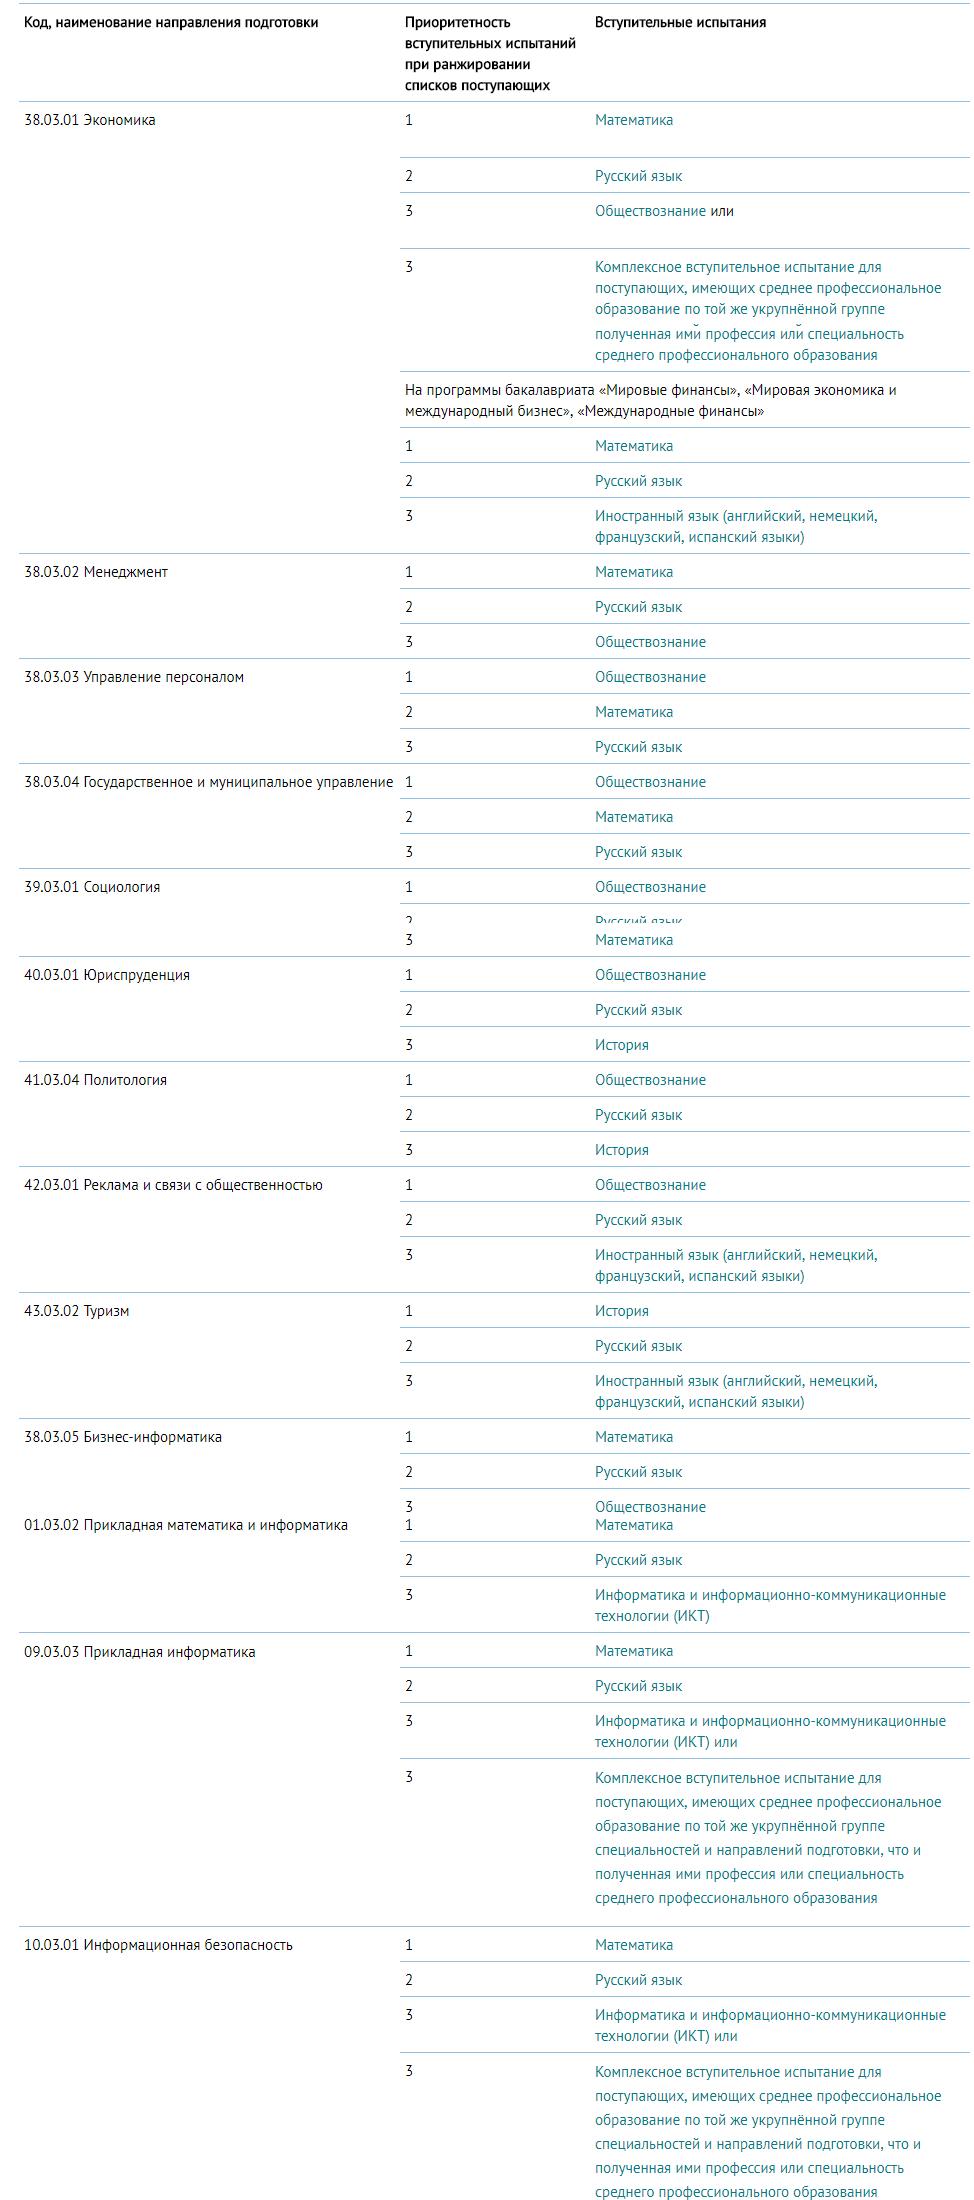 Понятия и термины, которые полезно знать поступающим в вуз